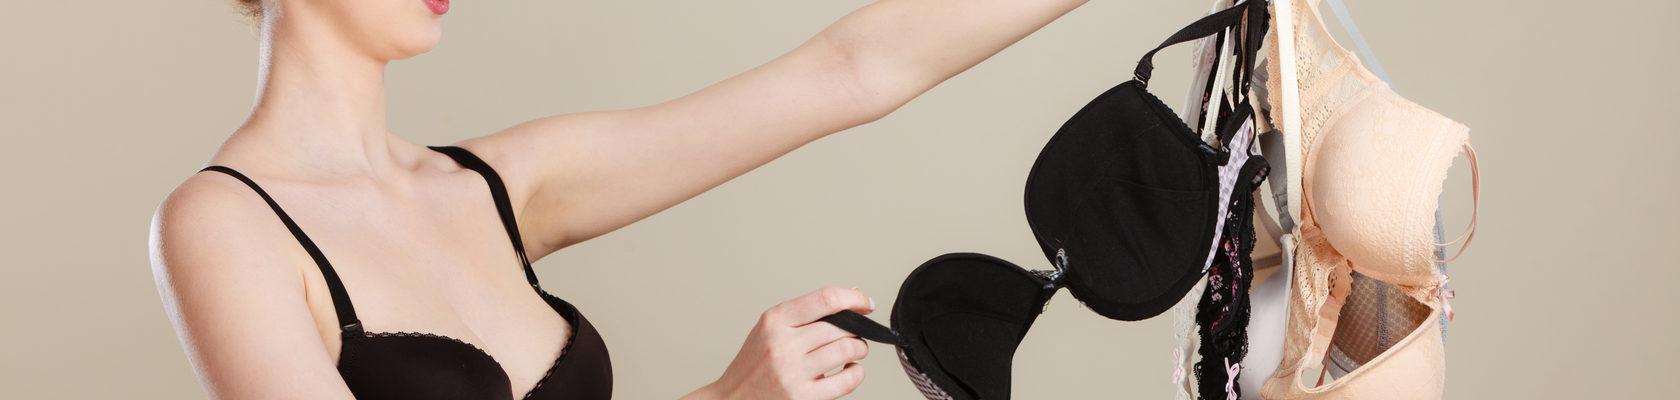 AdobeStock 185774133 1680x400 - 8 ошибок при ношении бюстгальтера, которые влияют на  здоровье женщины